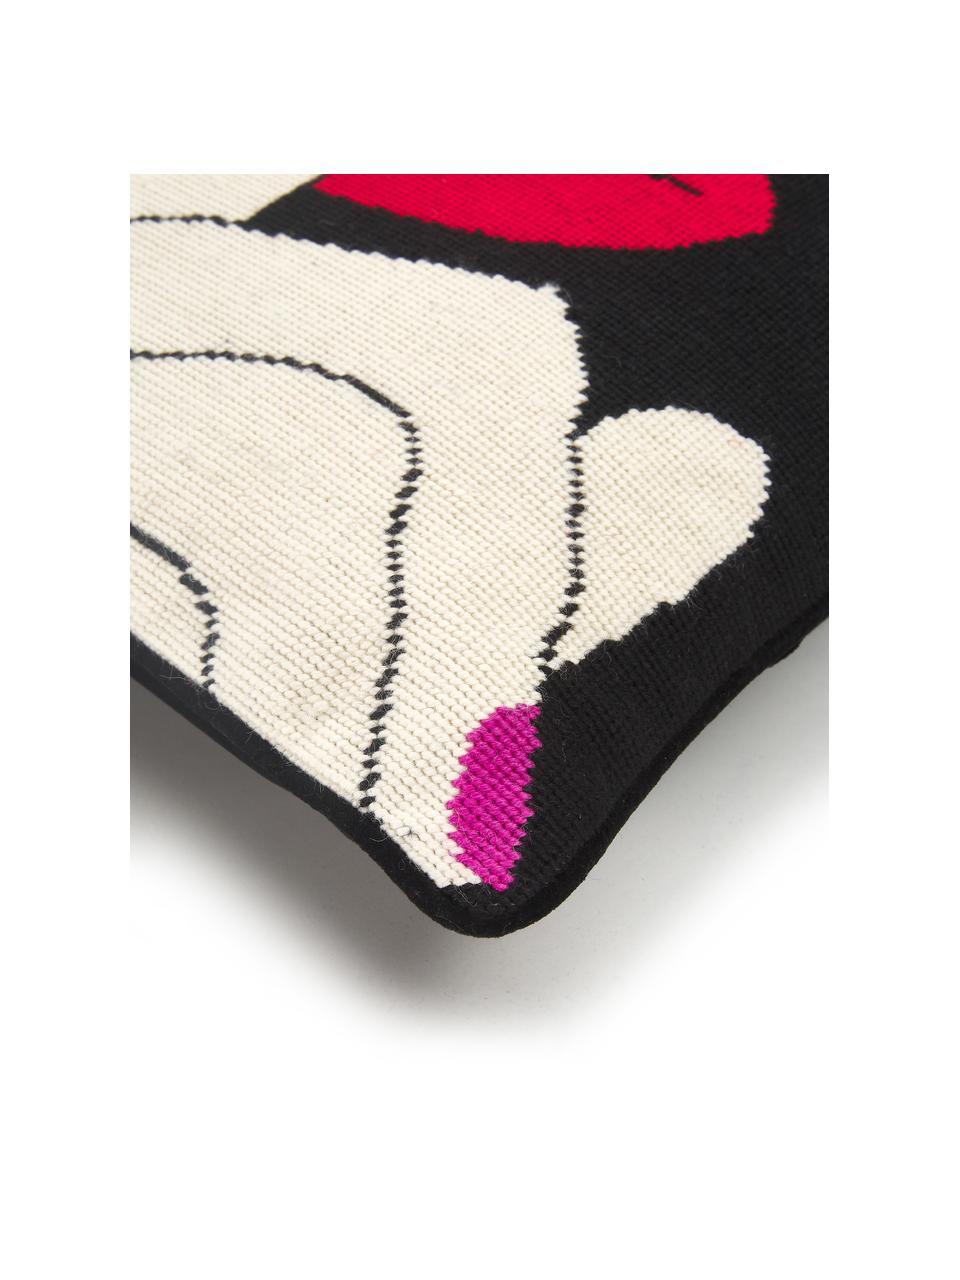 Handbesticktes Designer Kissen Soothe, mit Inlett, Vorderseite: 100% Wolle, Rückseite: Samt, Schwarz, Rot, Weiß, 45 x 45 cm